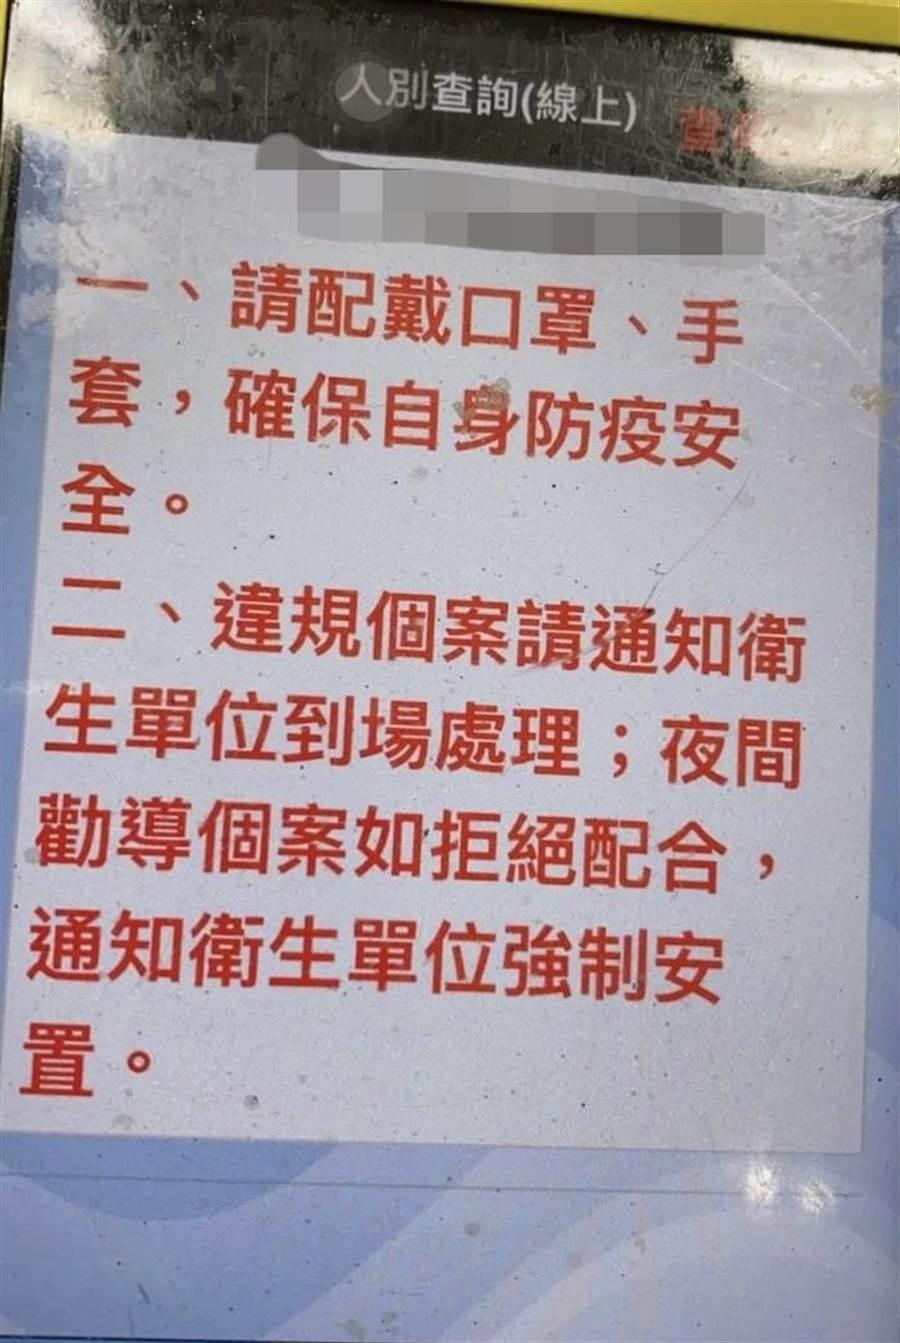 37歲吳男正在居家檢疫中,昨天下午3點多卻趁隙偷溜外出。(翻攝照片/蔡依珍桃園傳真)